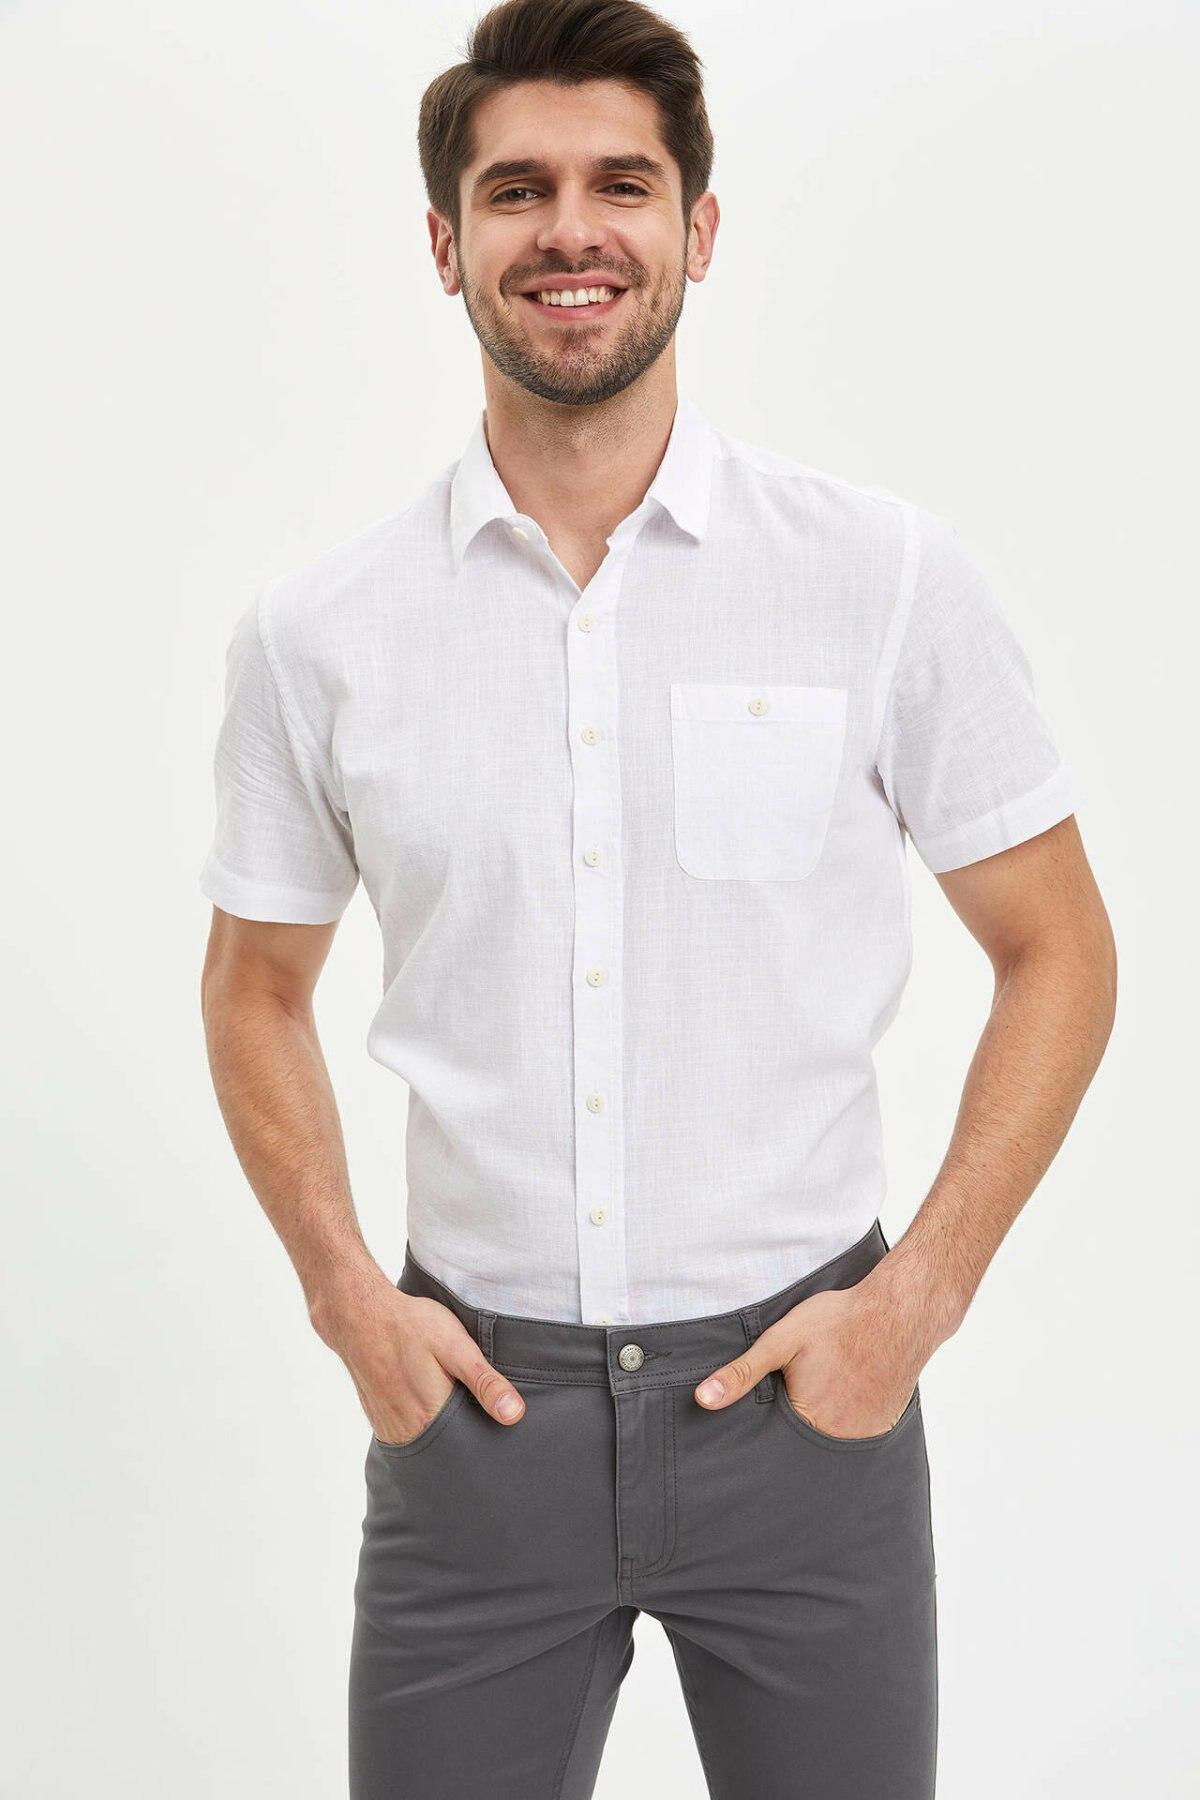 DeFacto Man Short Sleeve Shirt Men Summer Smart Casual Shirts Men Office Tops Shirts Male Business Shirts-M9432AZ20SM